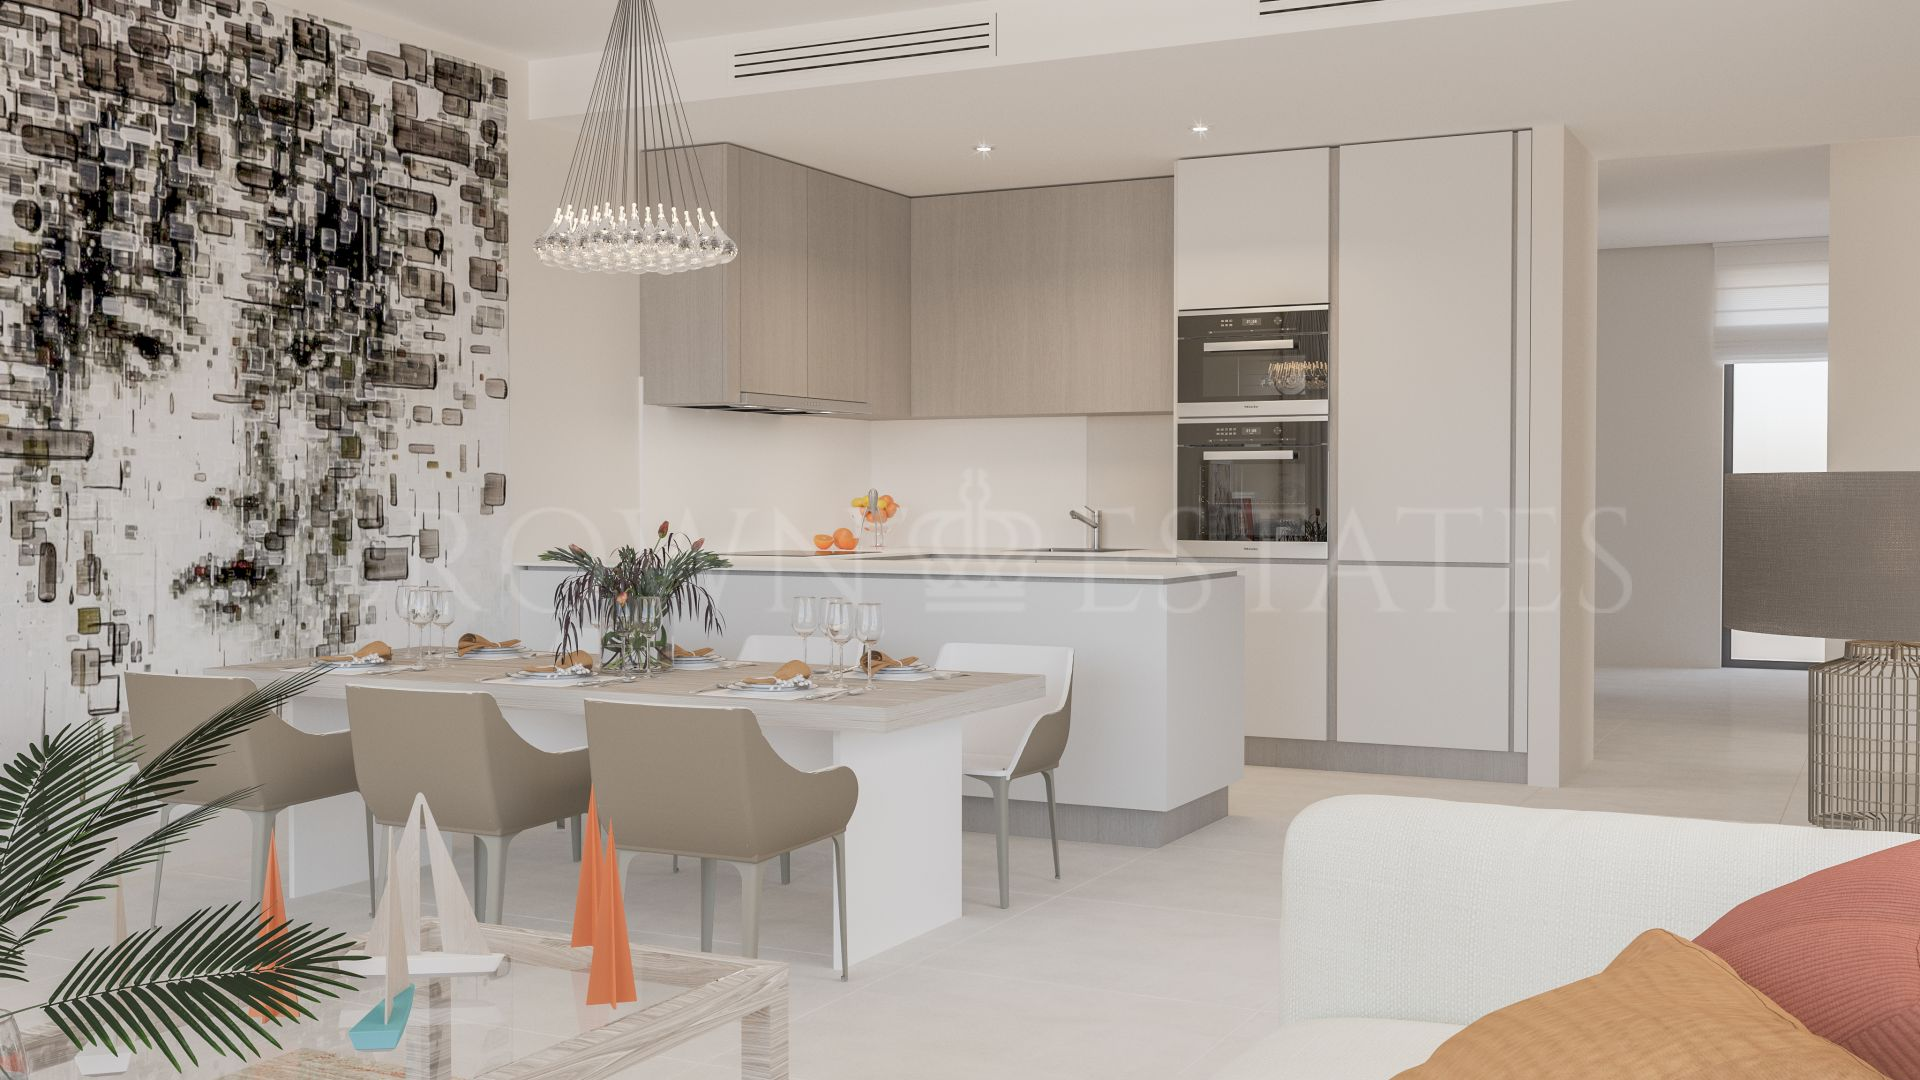 Cortijo del Golf, modern apartments and penthouses in the prestigious ara of El Campanario in Estepona